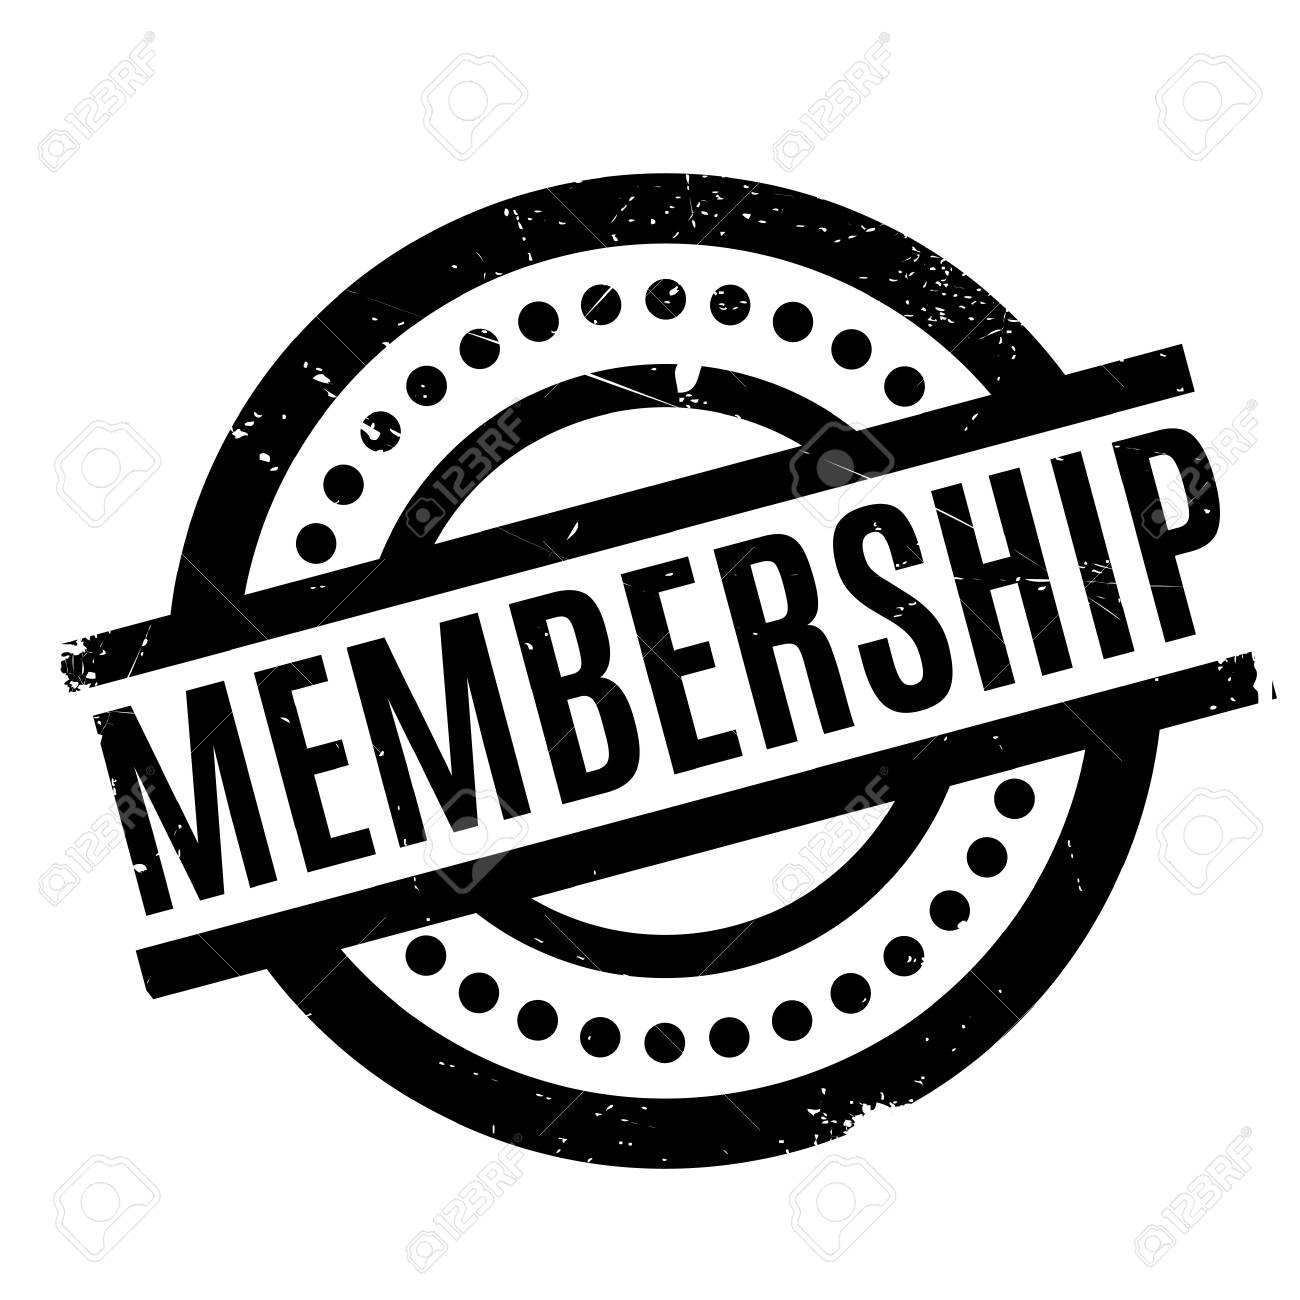 Membership rubber stamp - 68310634